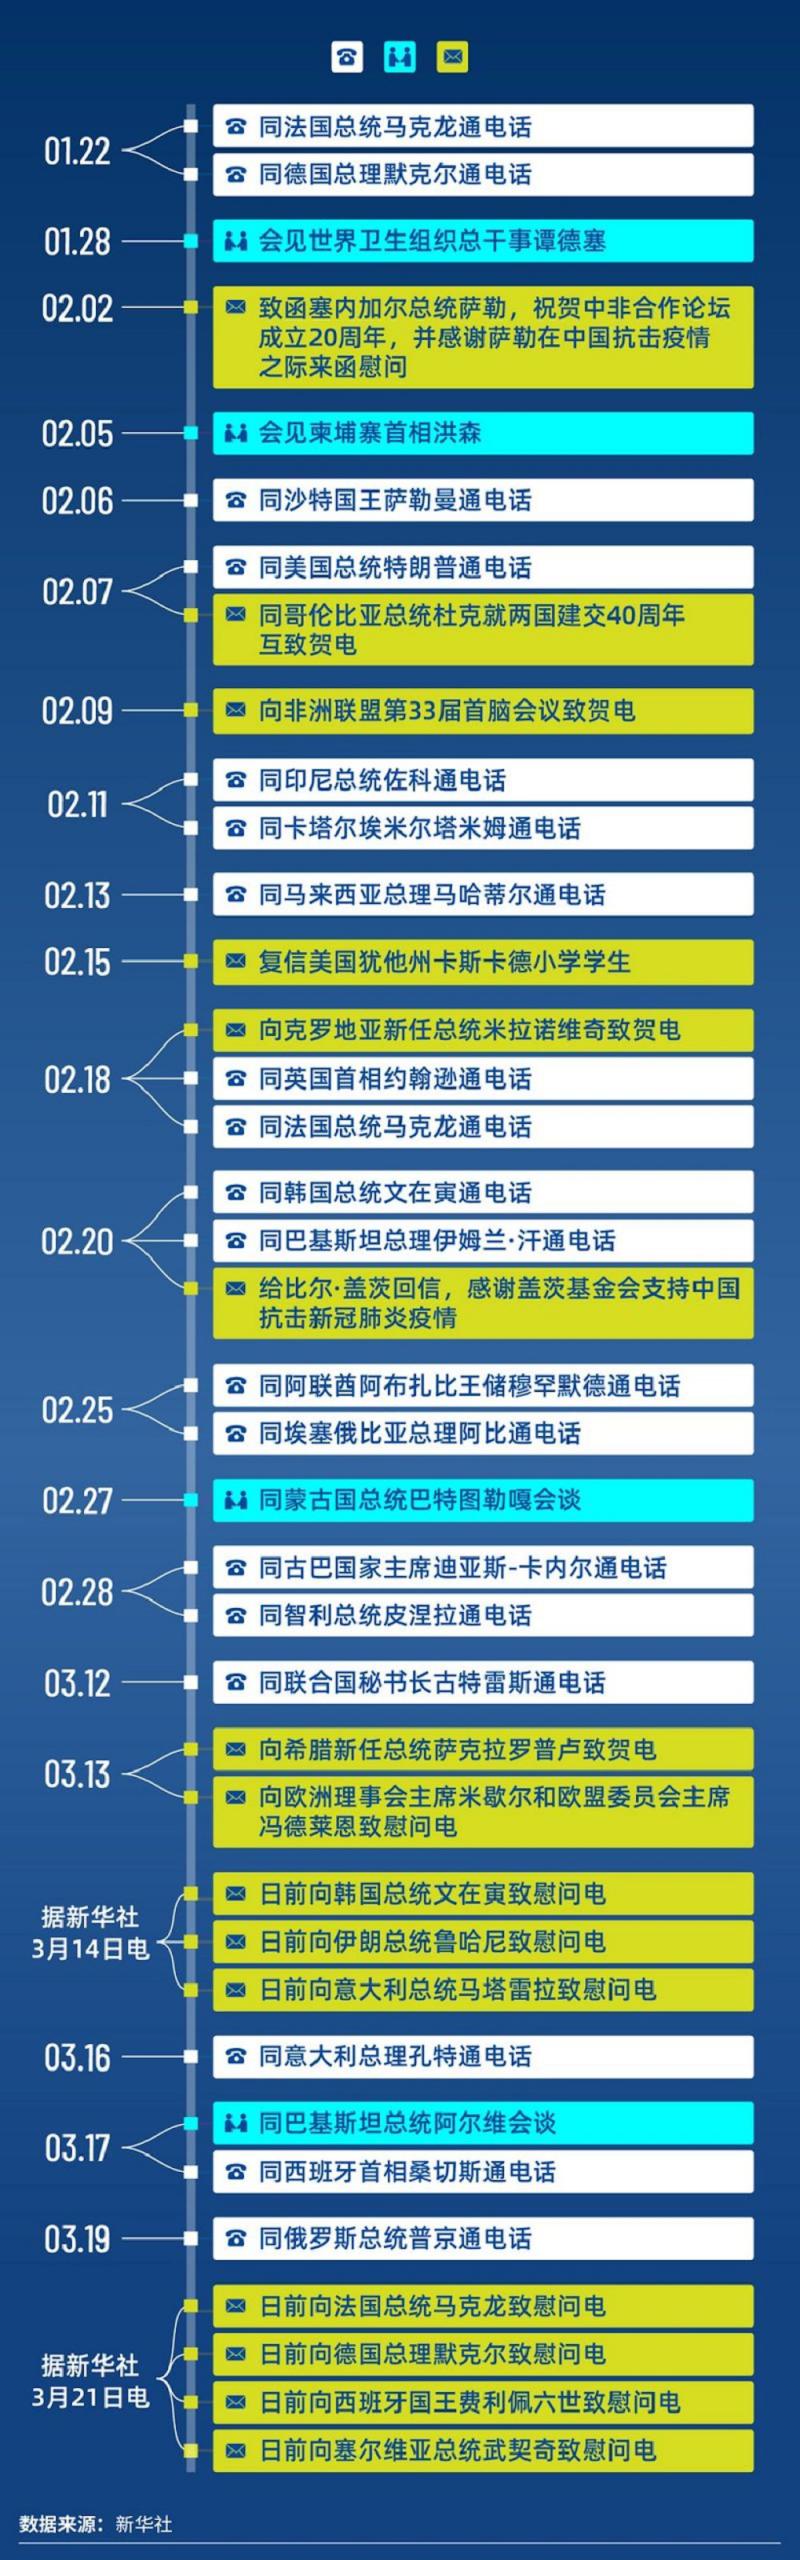 新華網以圖表列出習近平與幾十個國家元首級人物的通話名單及內容綱要。(新華網)